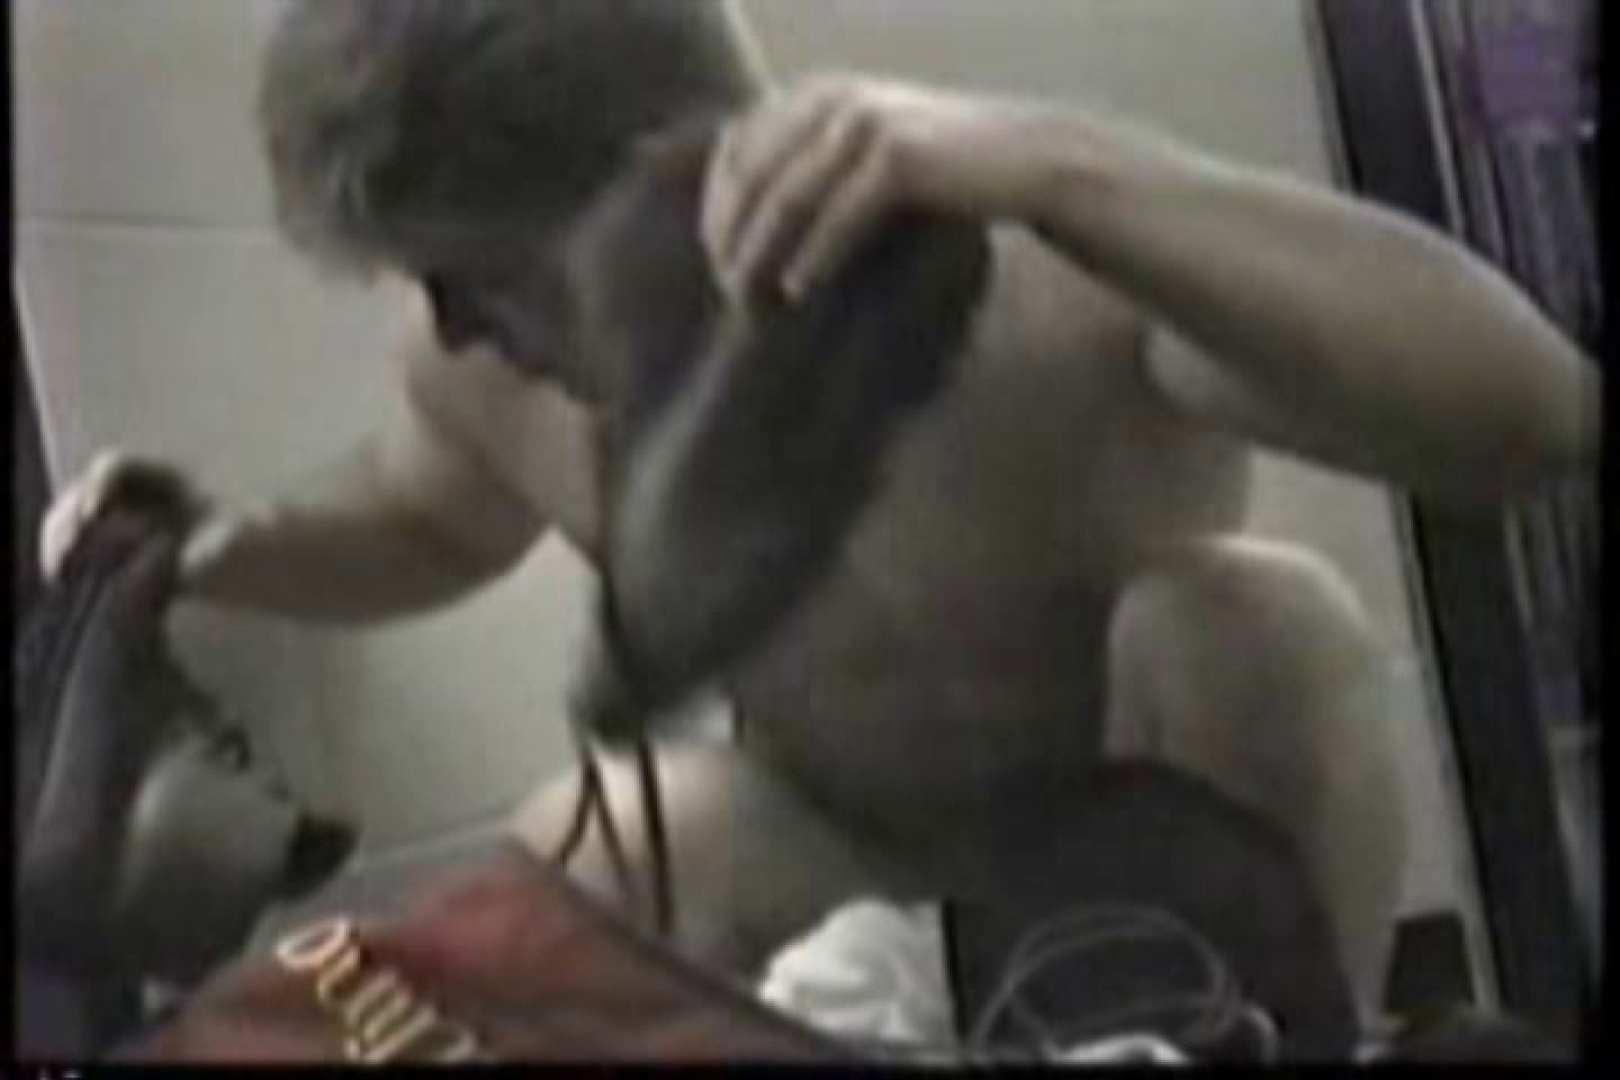 洋人さんの脱衣所を覗いてみました。VOL.7 完全無修正でお届け | ガチムチマッチョ系  95pic 9